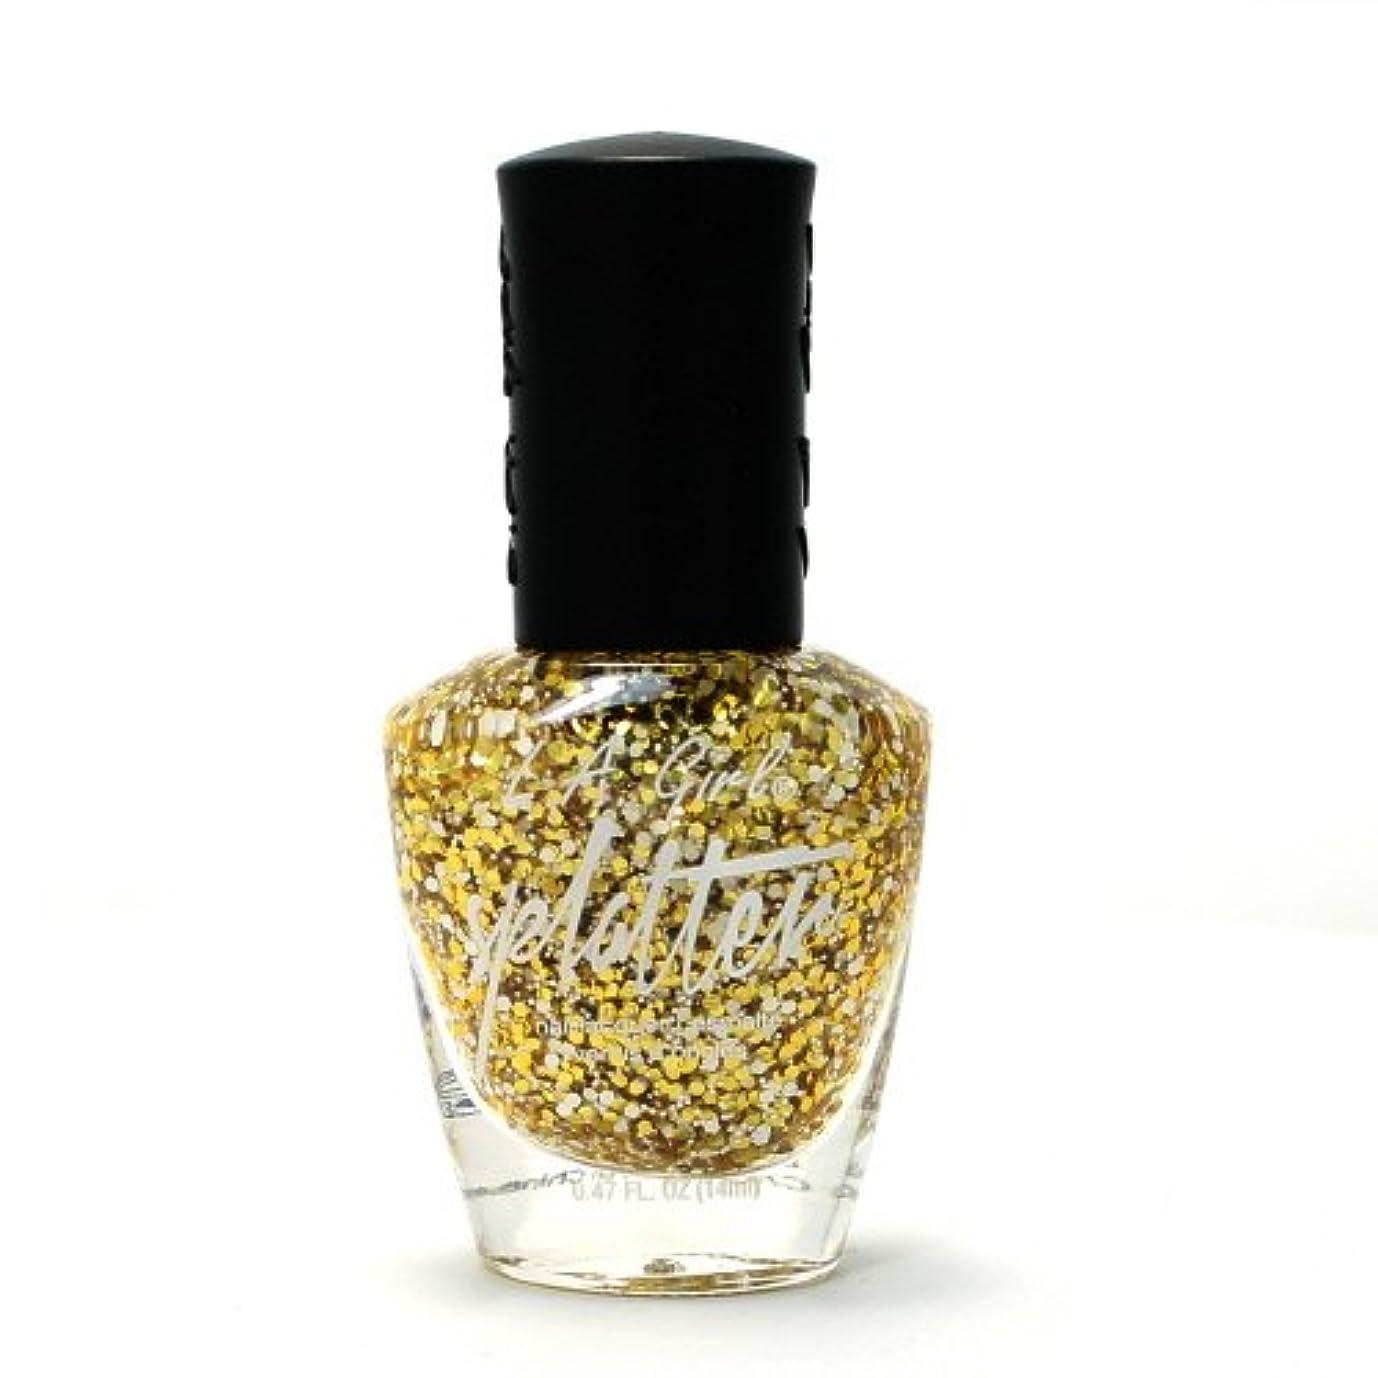 虫ネクタイ文明化するLA GIRL Splatter Nail Polish - Sparkle (並行輸入品)